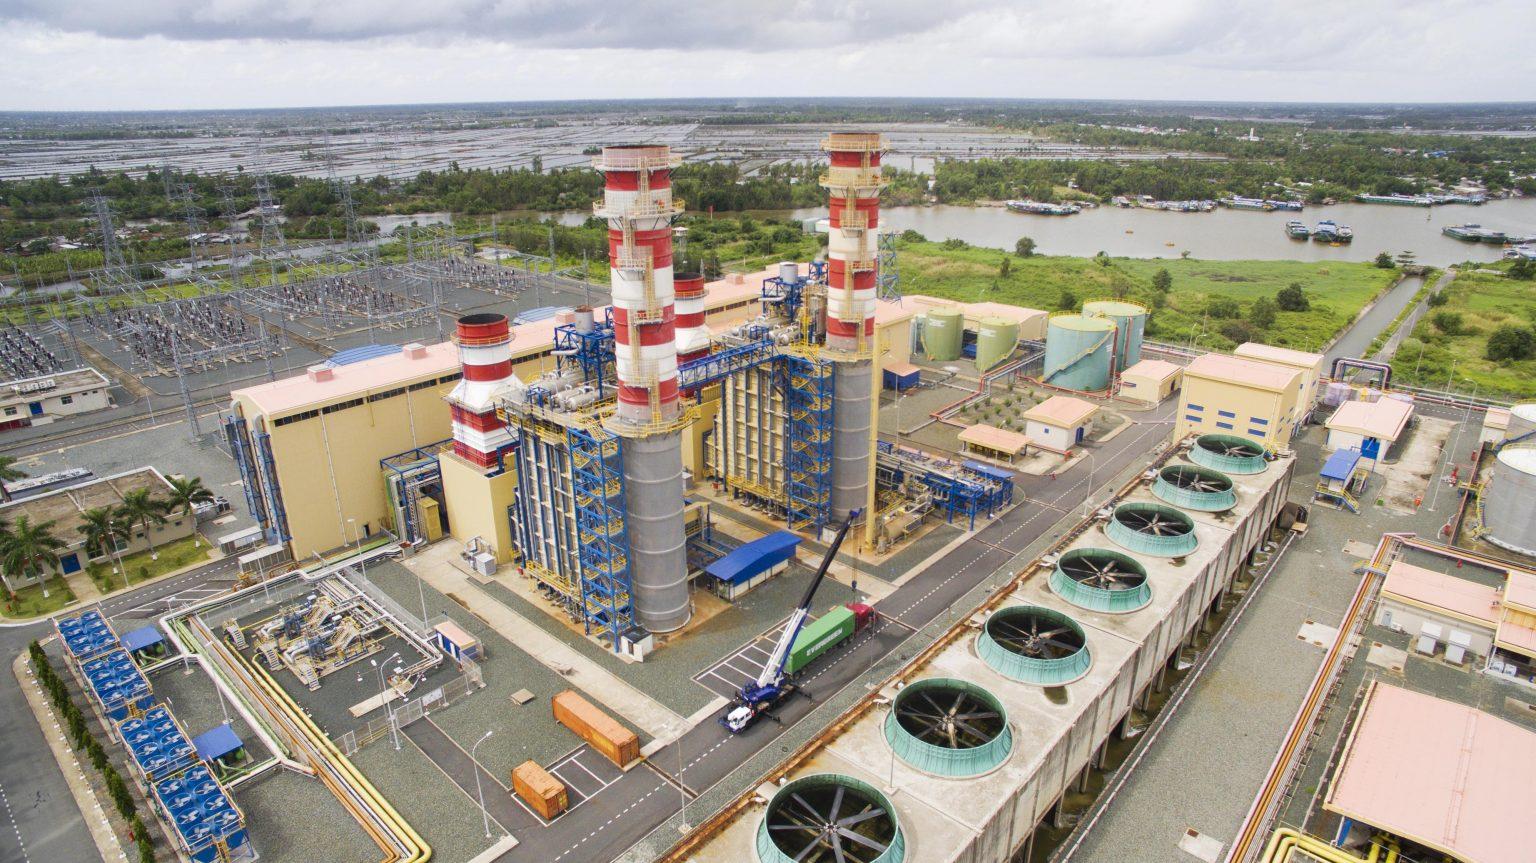 Đấu thầu dự án điện Nhơn Trạch 3-4, Siemens Energy gửi kiến nghị lên Thủ tướng Chính phủ và Bộ Kế hoạch và Đầu tư